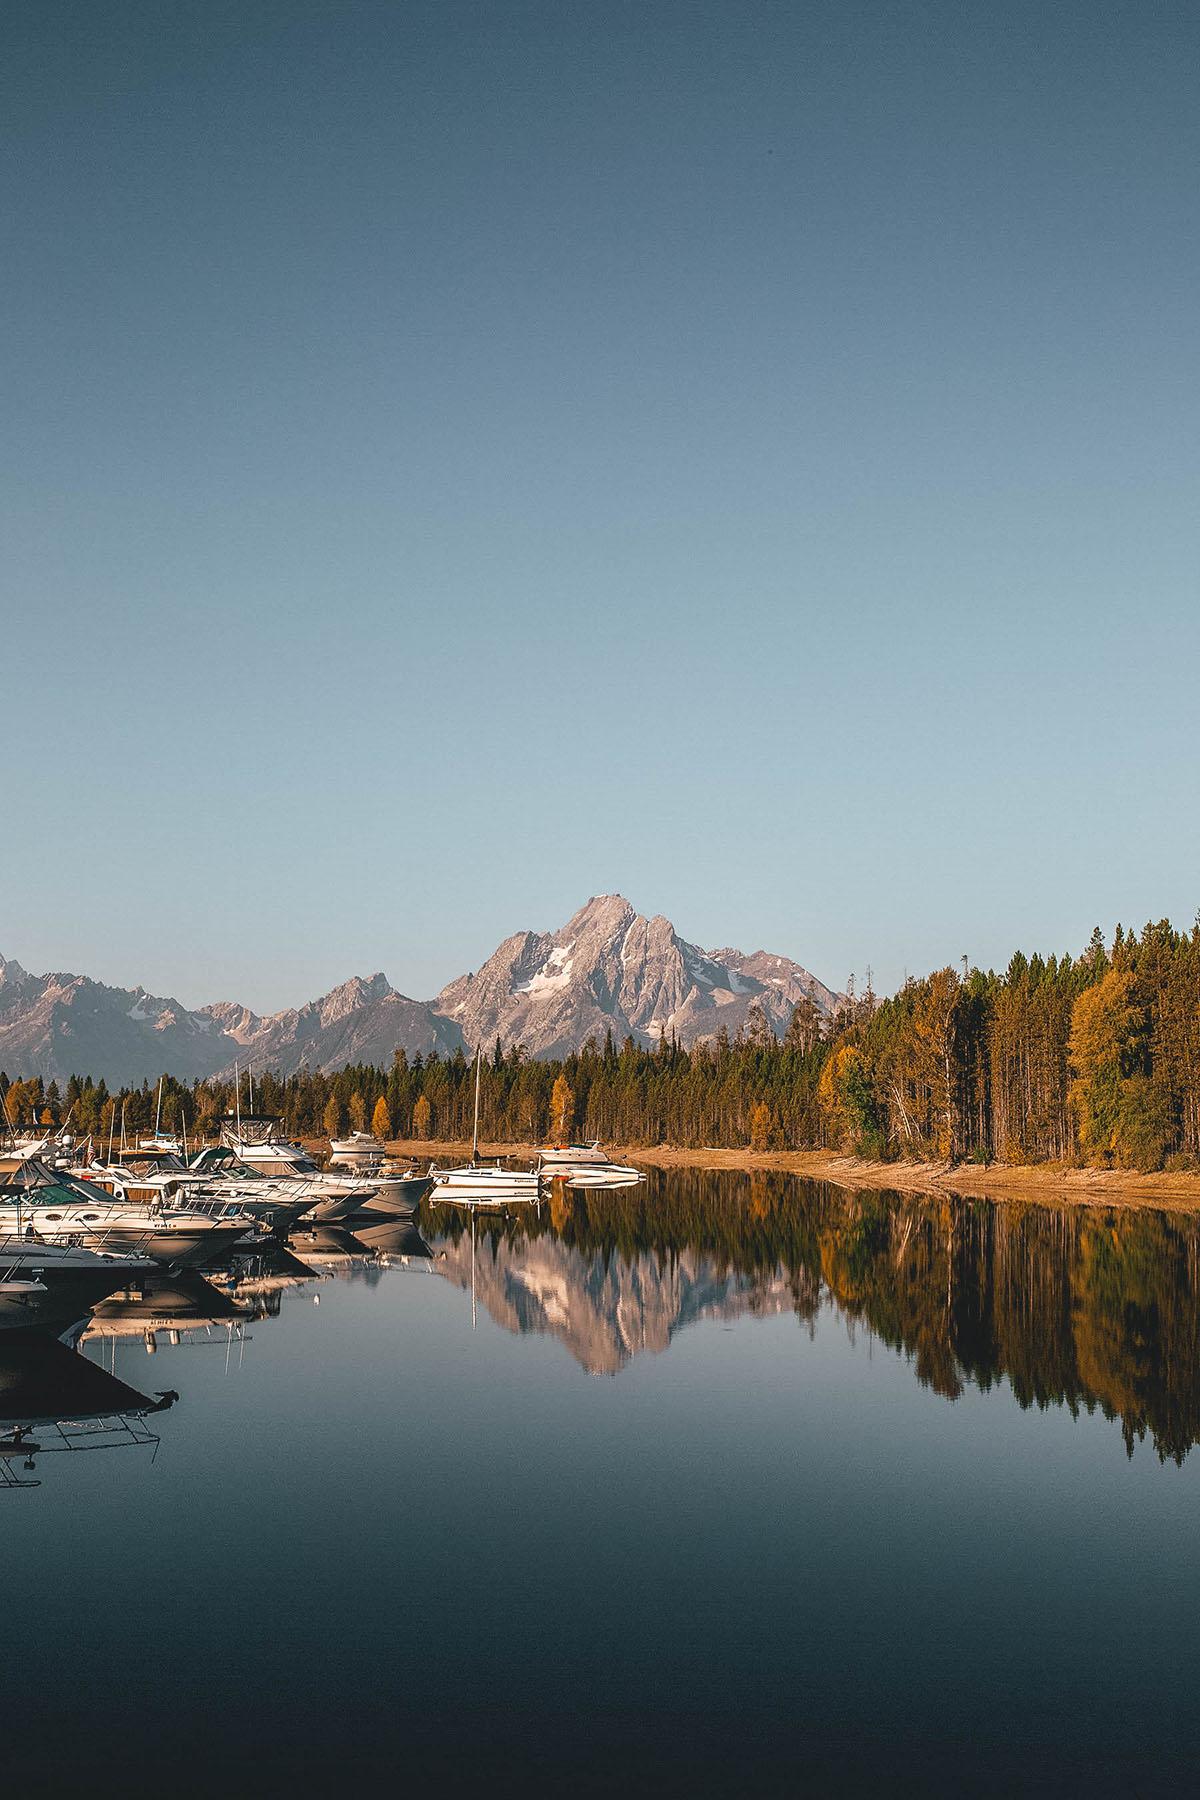 Boats in Jackson Lake at Grand Teton National Park